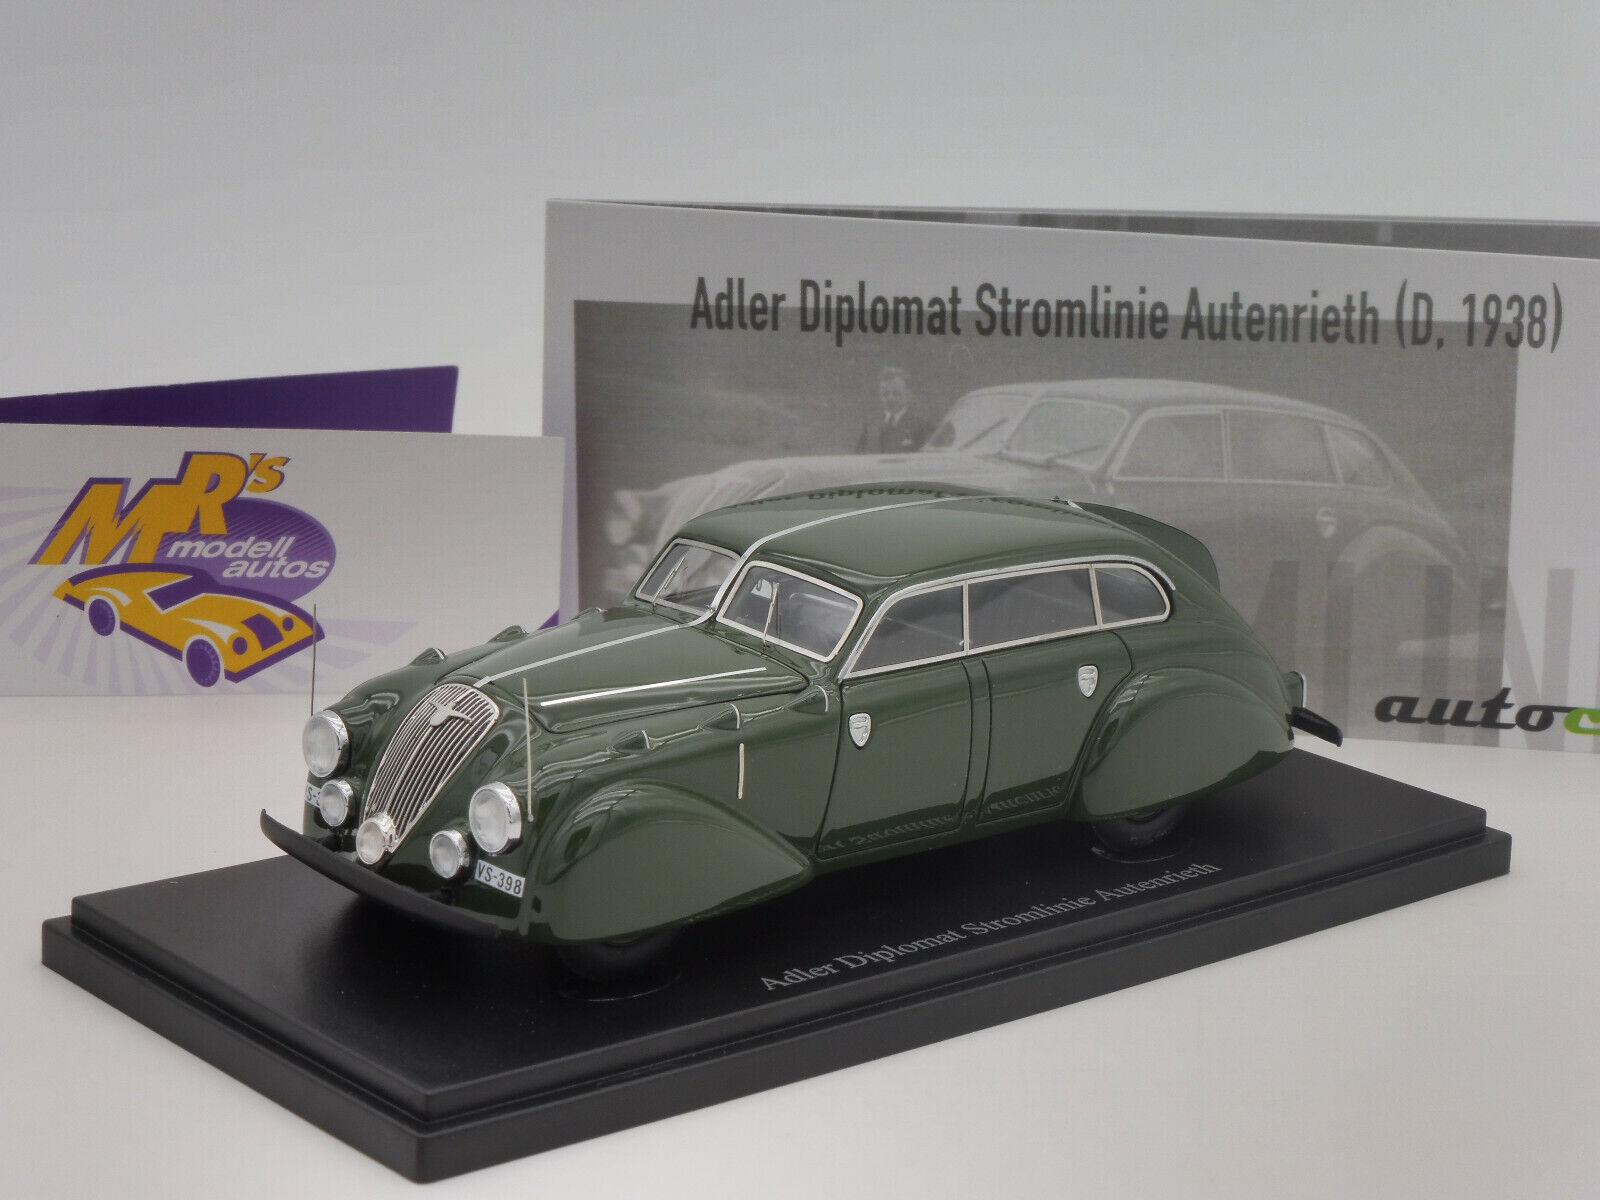 Envío rápido y el mejor servicio Autocult 04021   Adler diplomático electricidad línea línea línea Autenrieth año 1938 verde oscuro 1 43  promociones de equipo